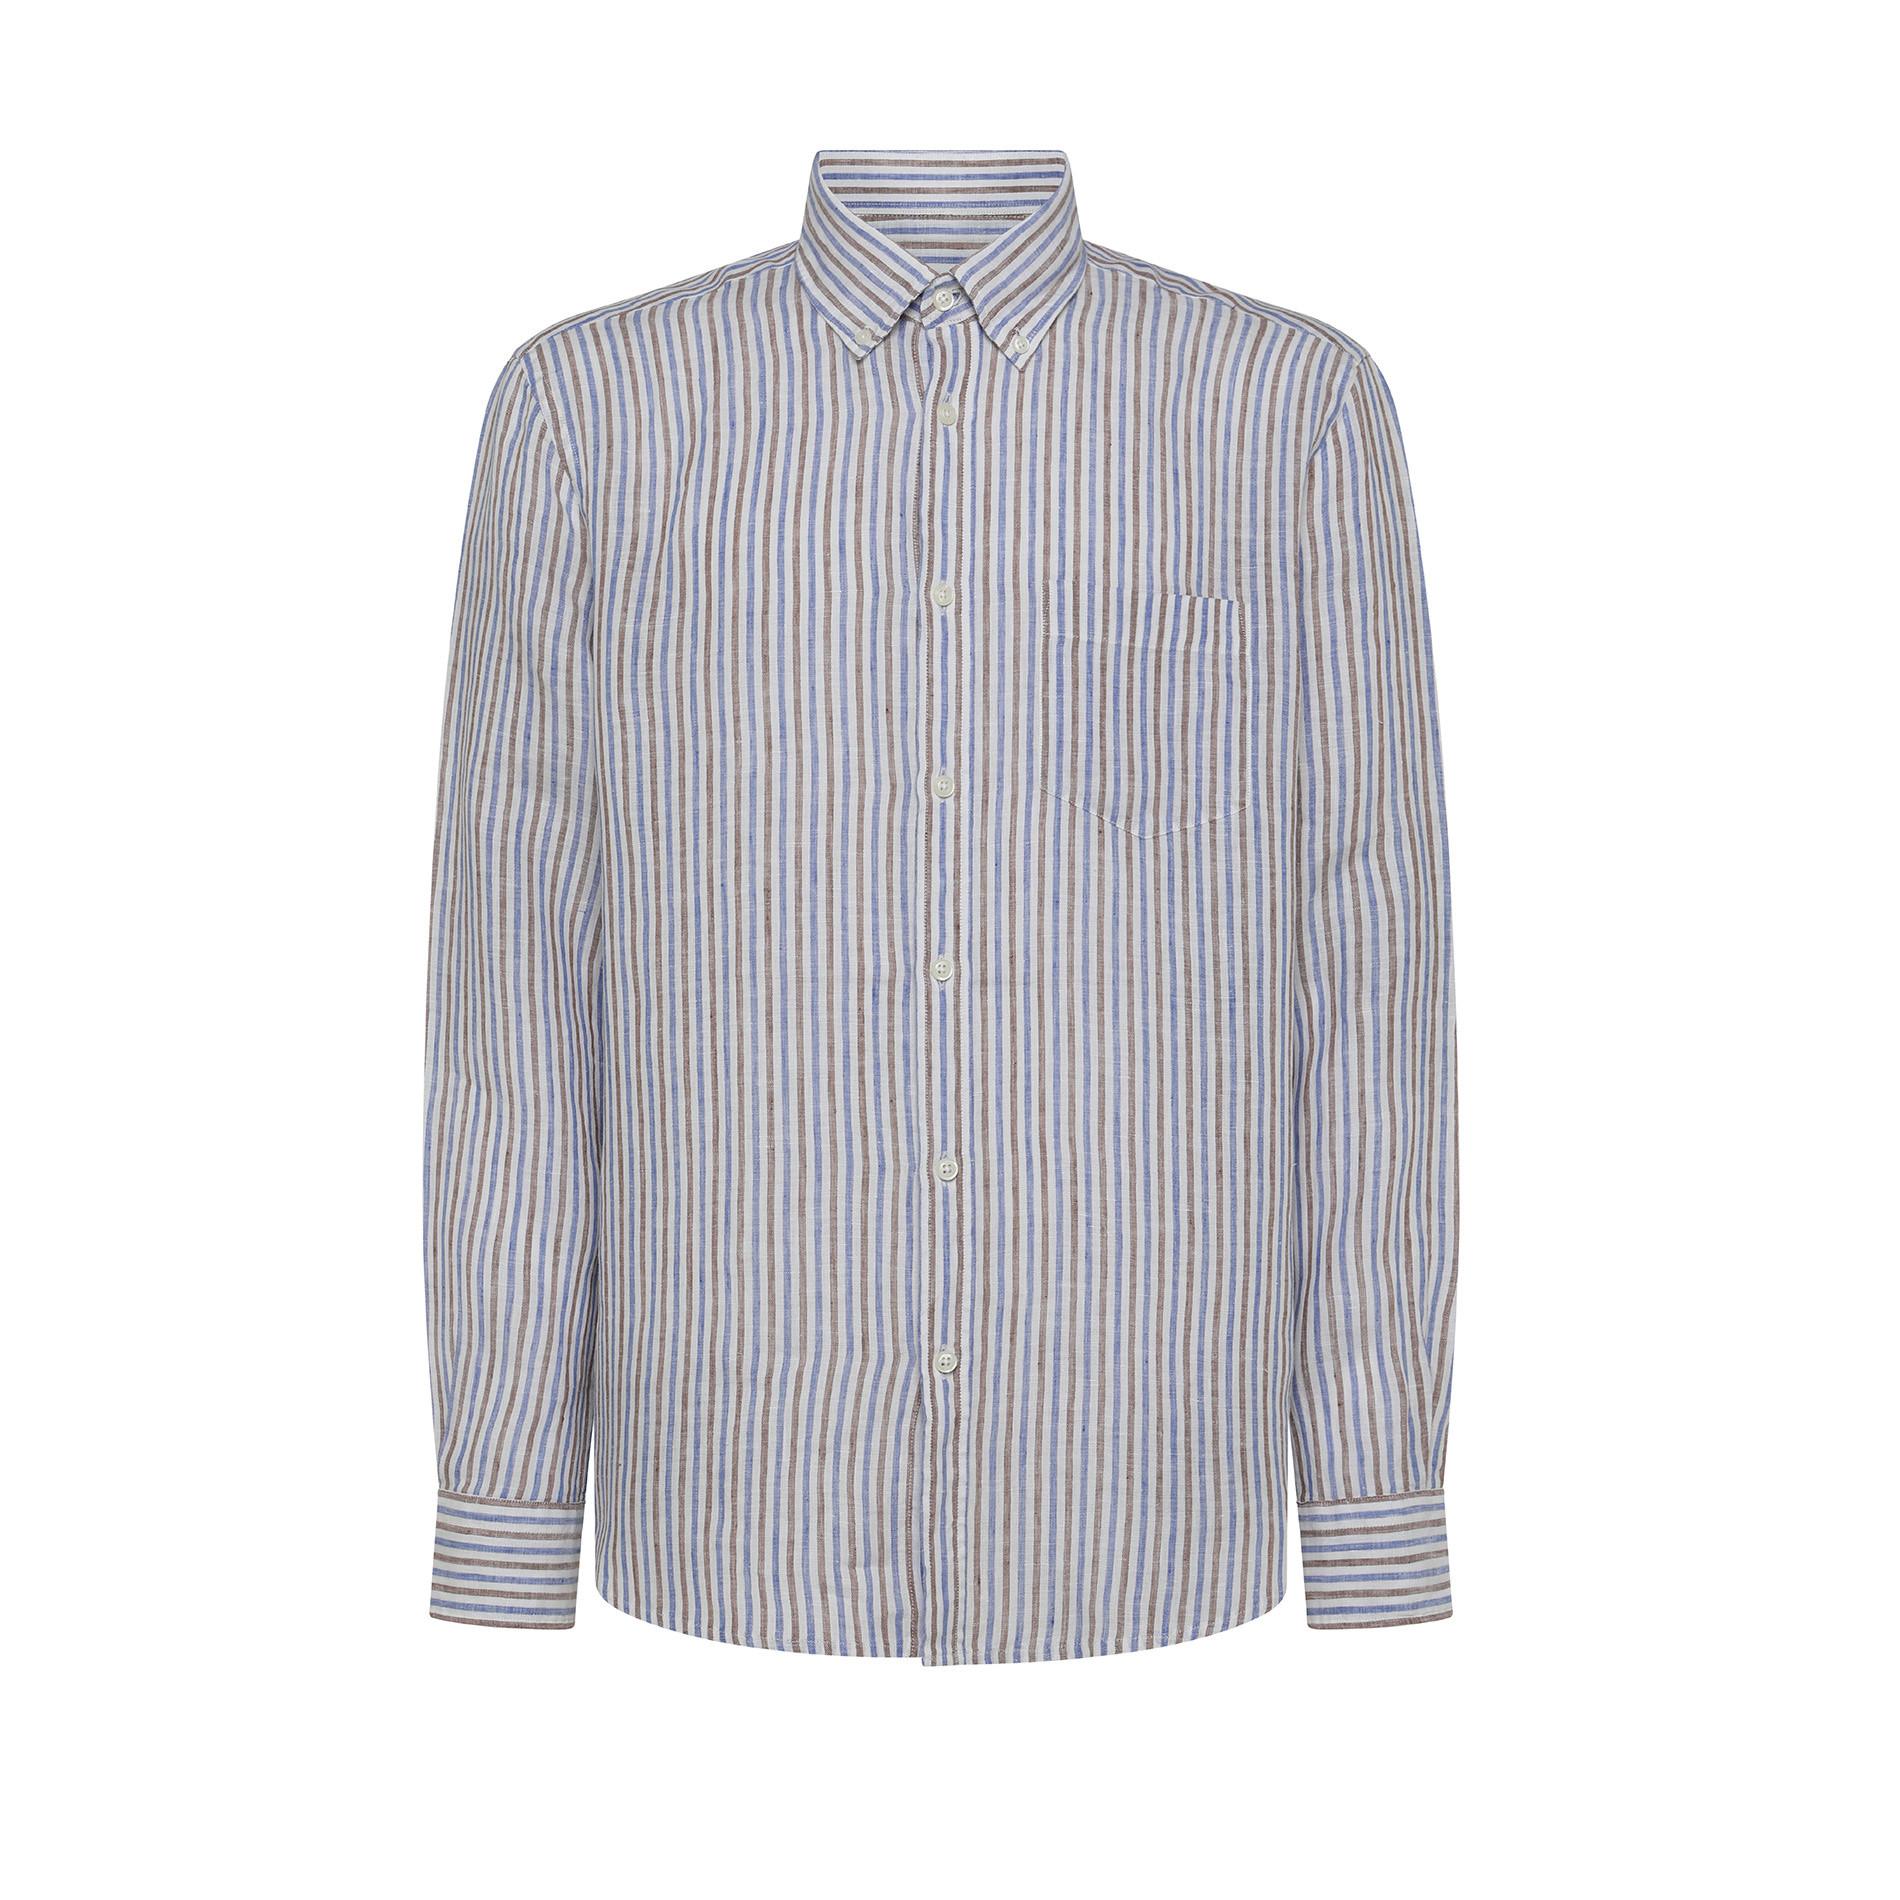 Camicia puro lino regular fit Luca D'Altieri, Azzurro, large image number 0